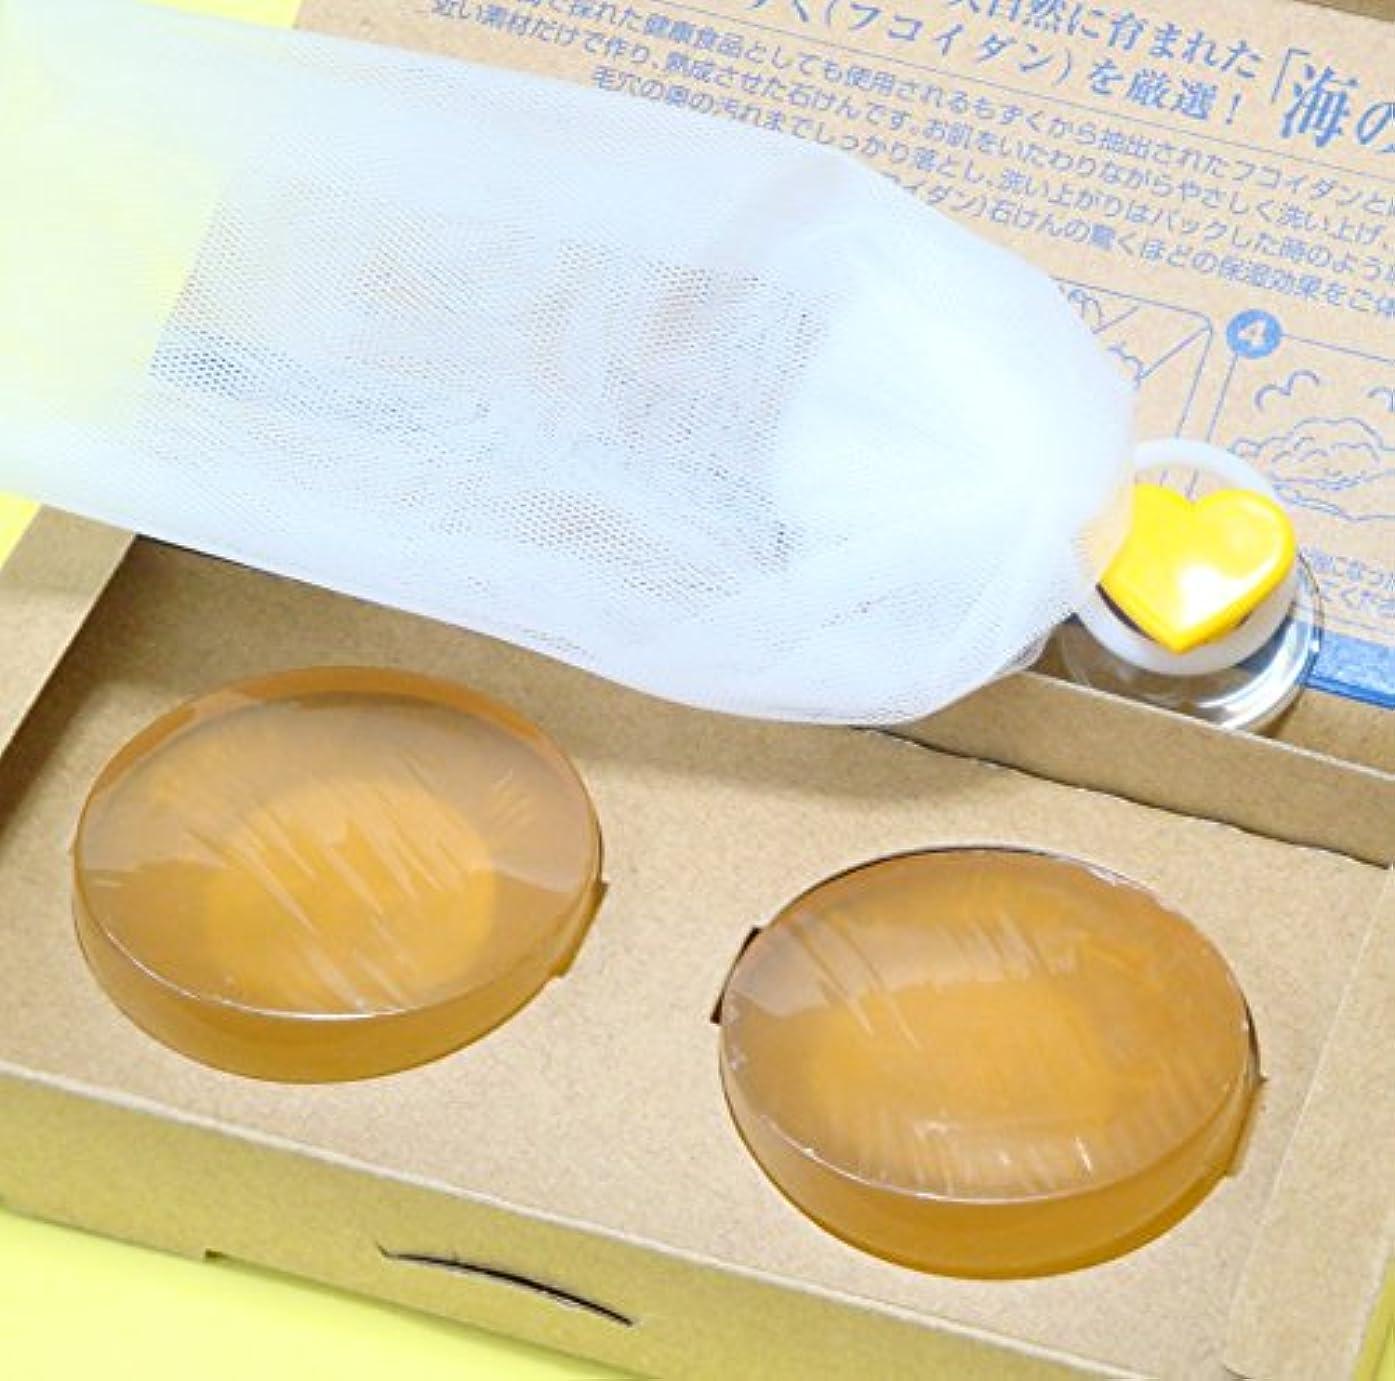 もずく石けん海の蜜90g×2個入り(泡立てネット付き)